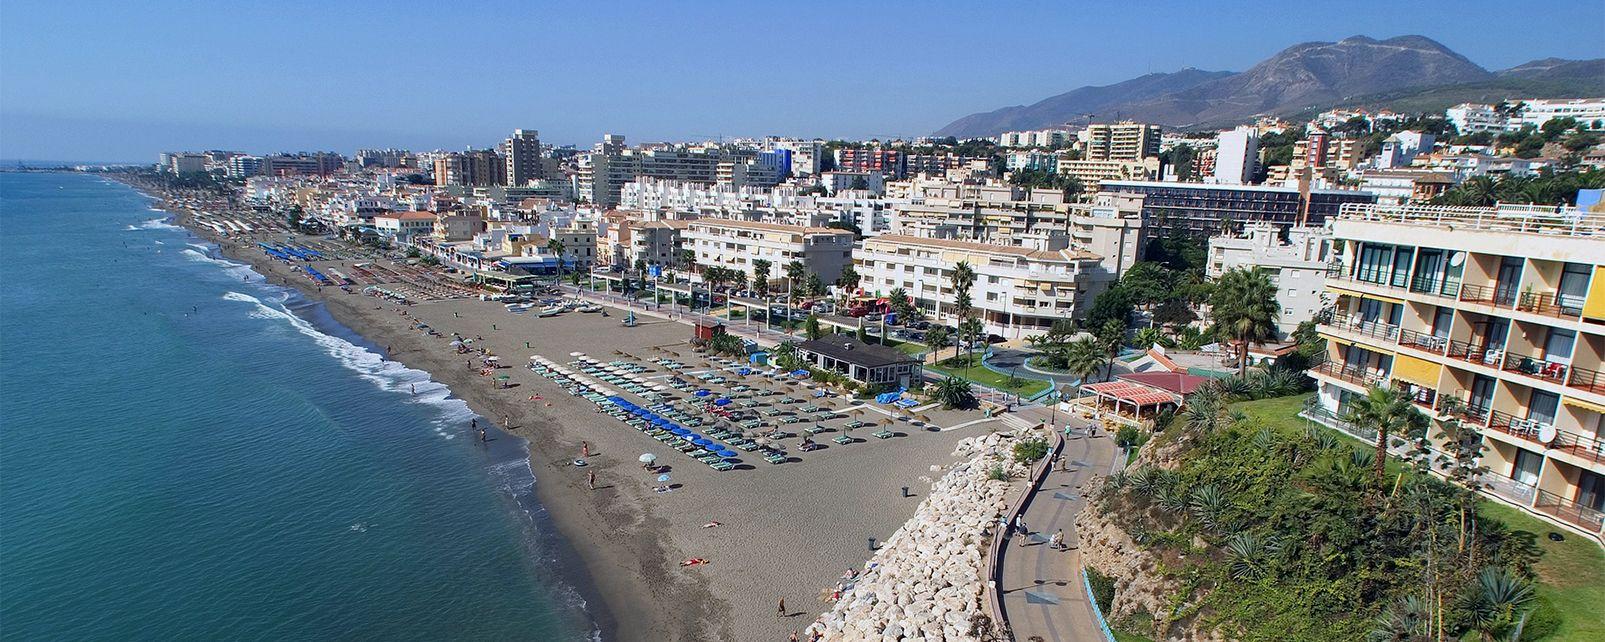 Torremolinos, Costa del Sol - Torremolinos, Le rive, Andalusia